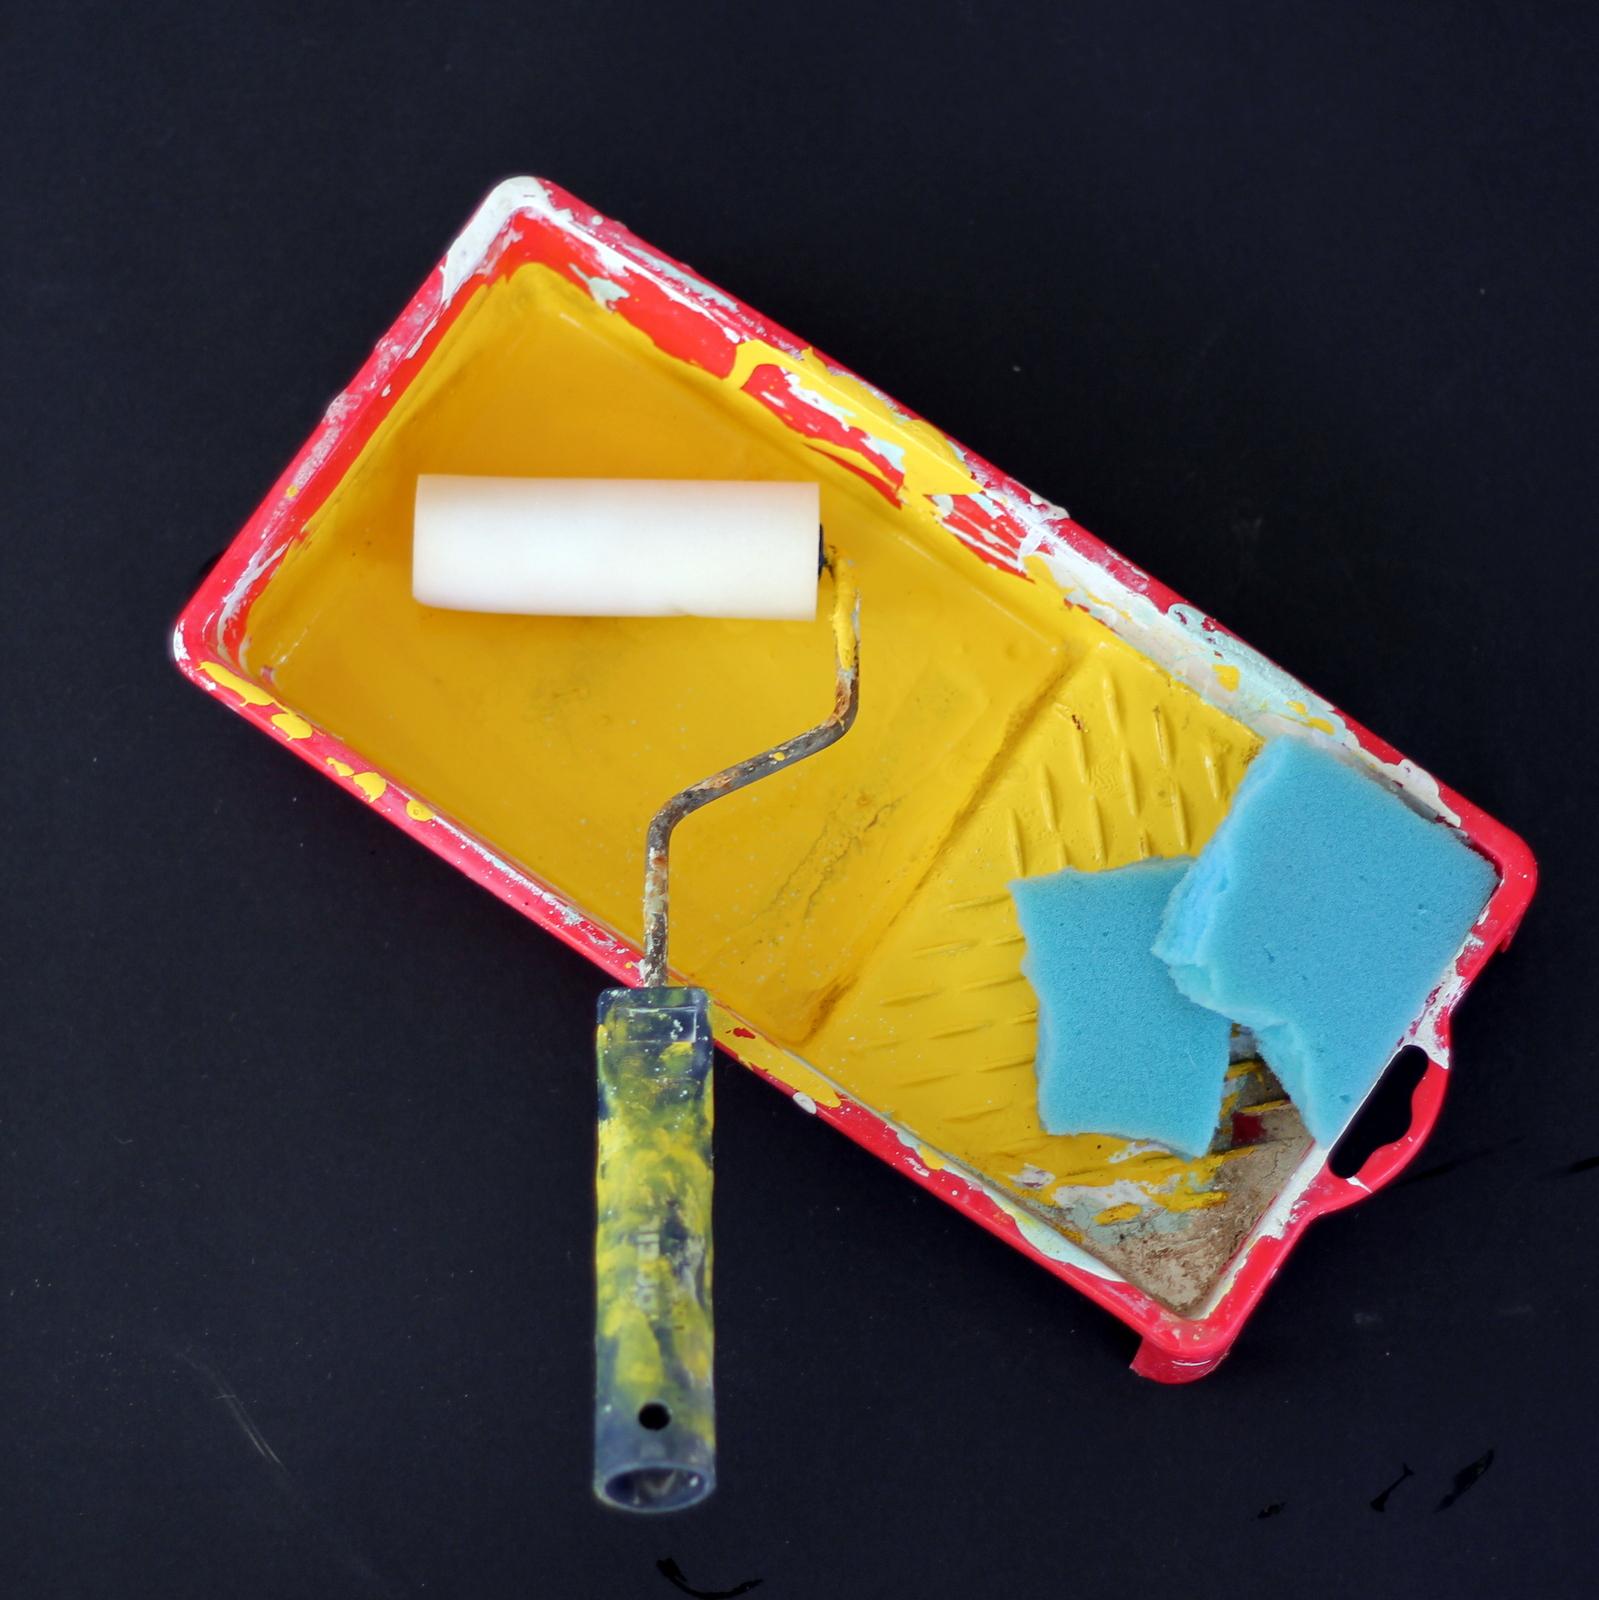 גלגלת צבע, ספוג וכלי לצבע - חובה בכל בית